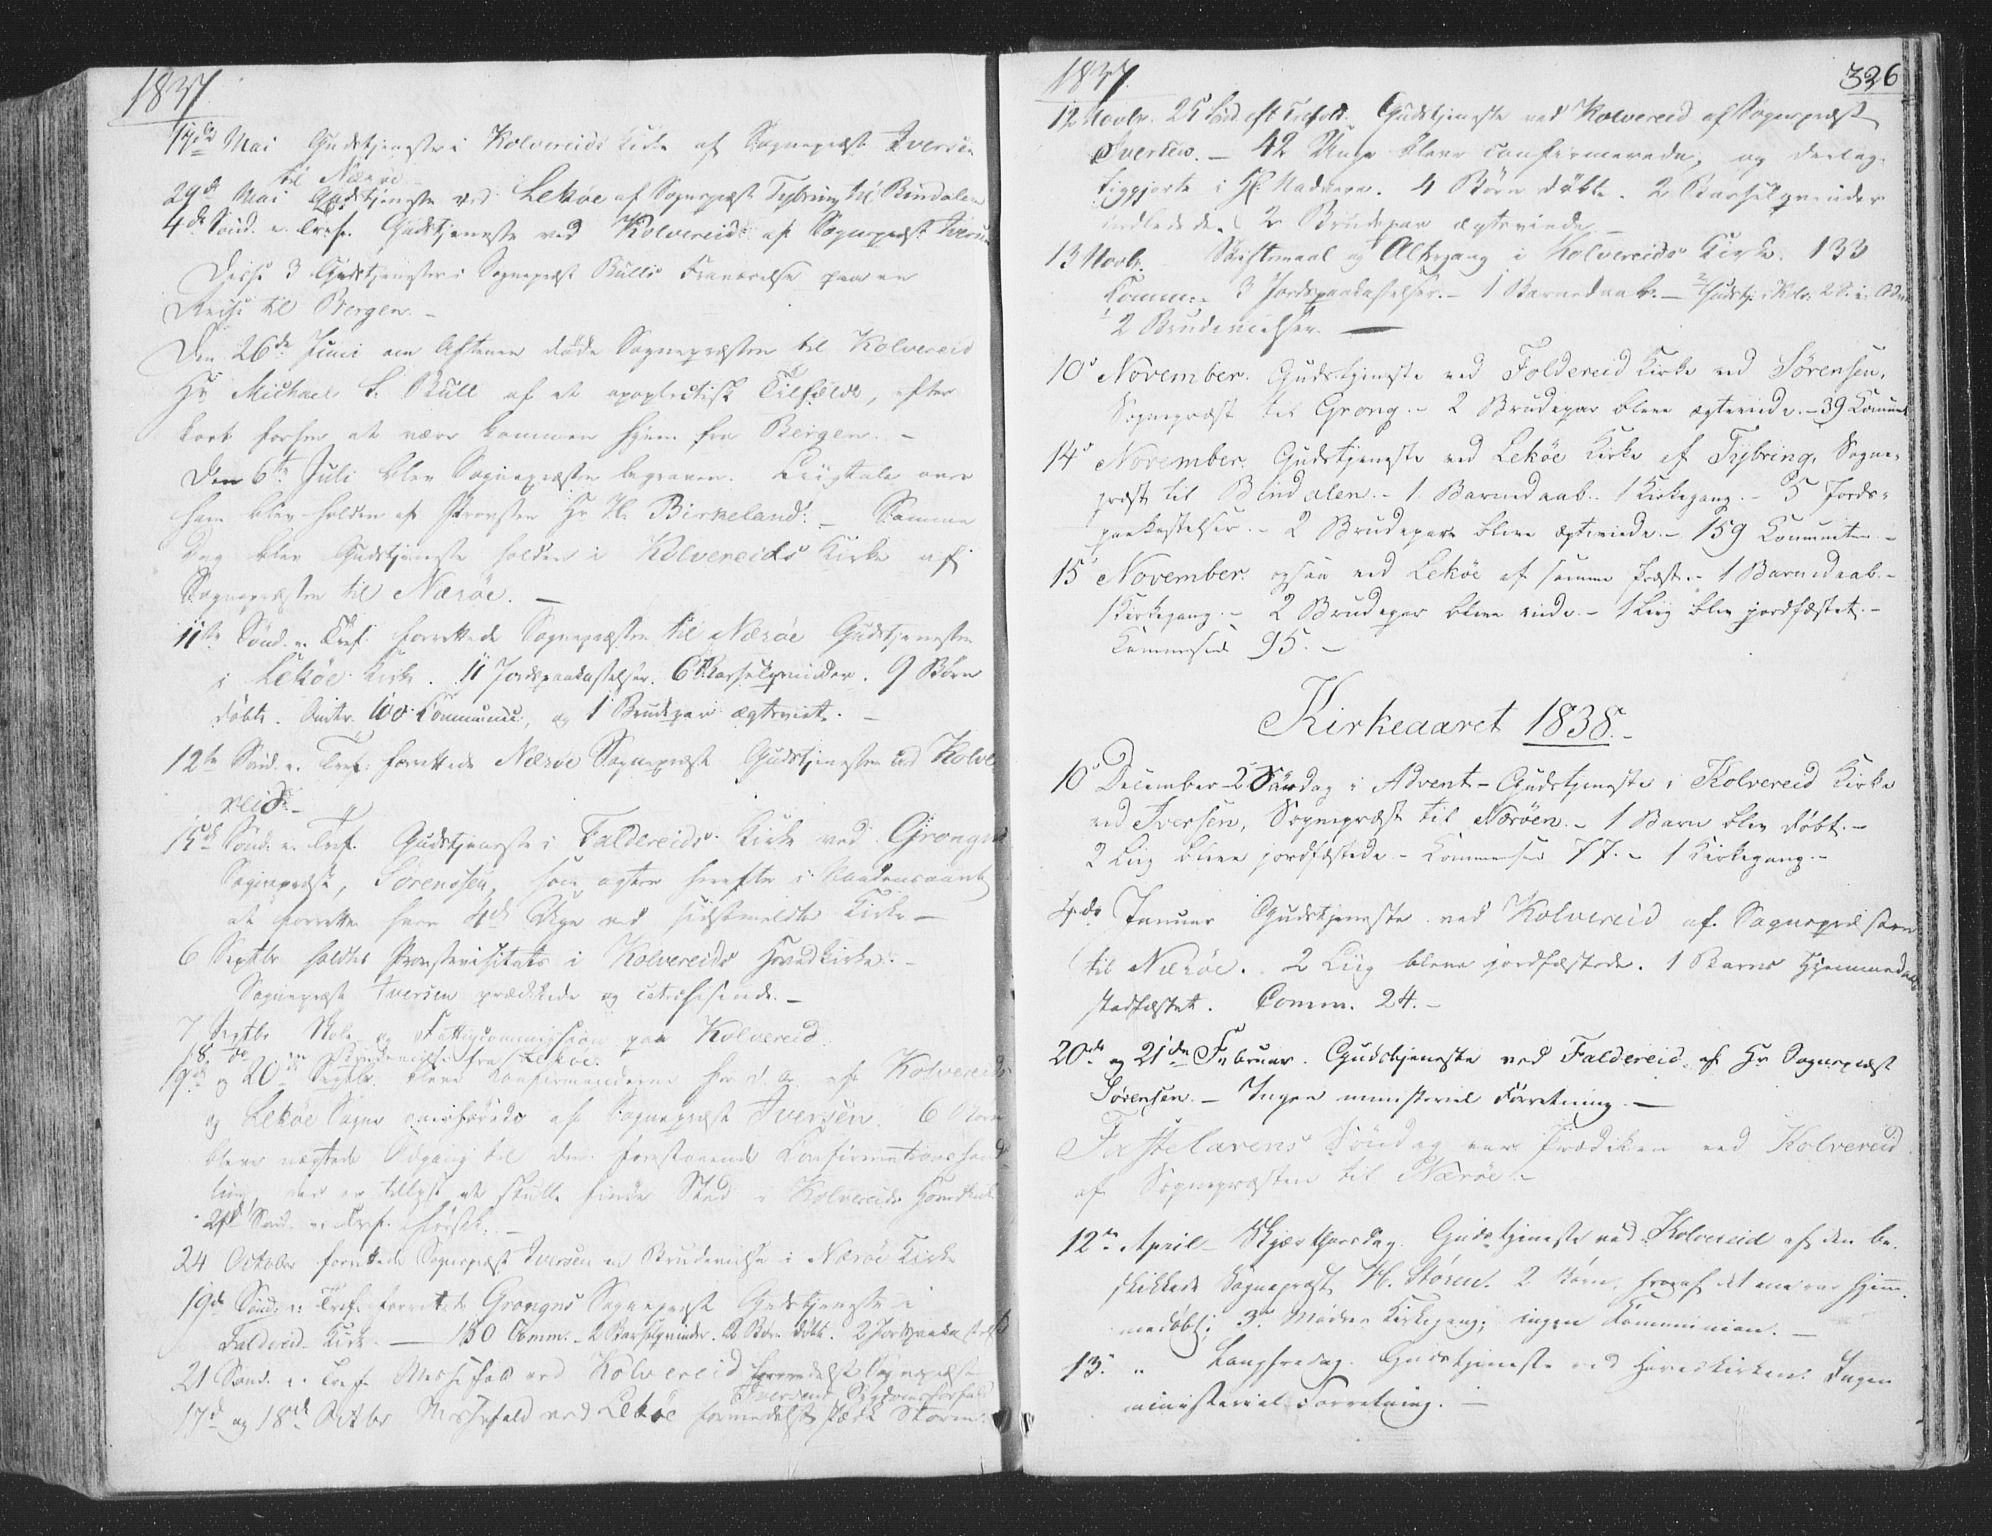 SAT, Ministerialprotokoller, klokkerbøker og fødselsregistre - Nord-Trøndelag, 780/L0639: Ministerialbok nr. 780A04, 1830-1844, s. 326